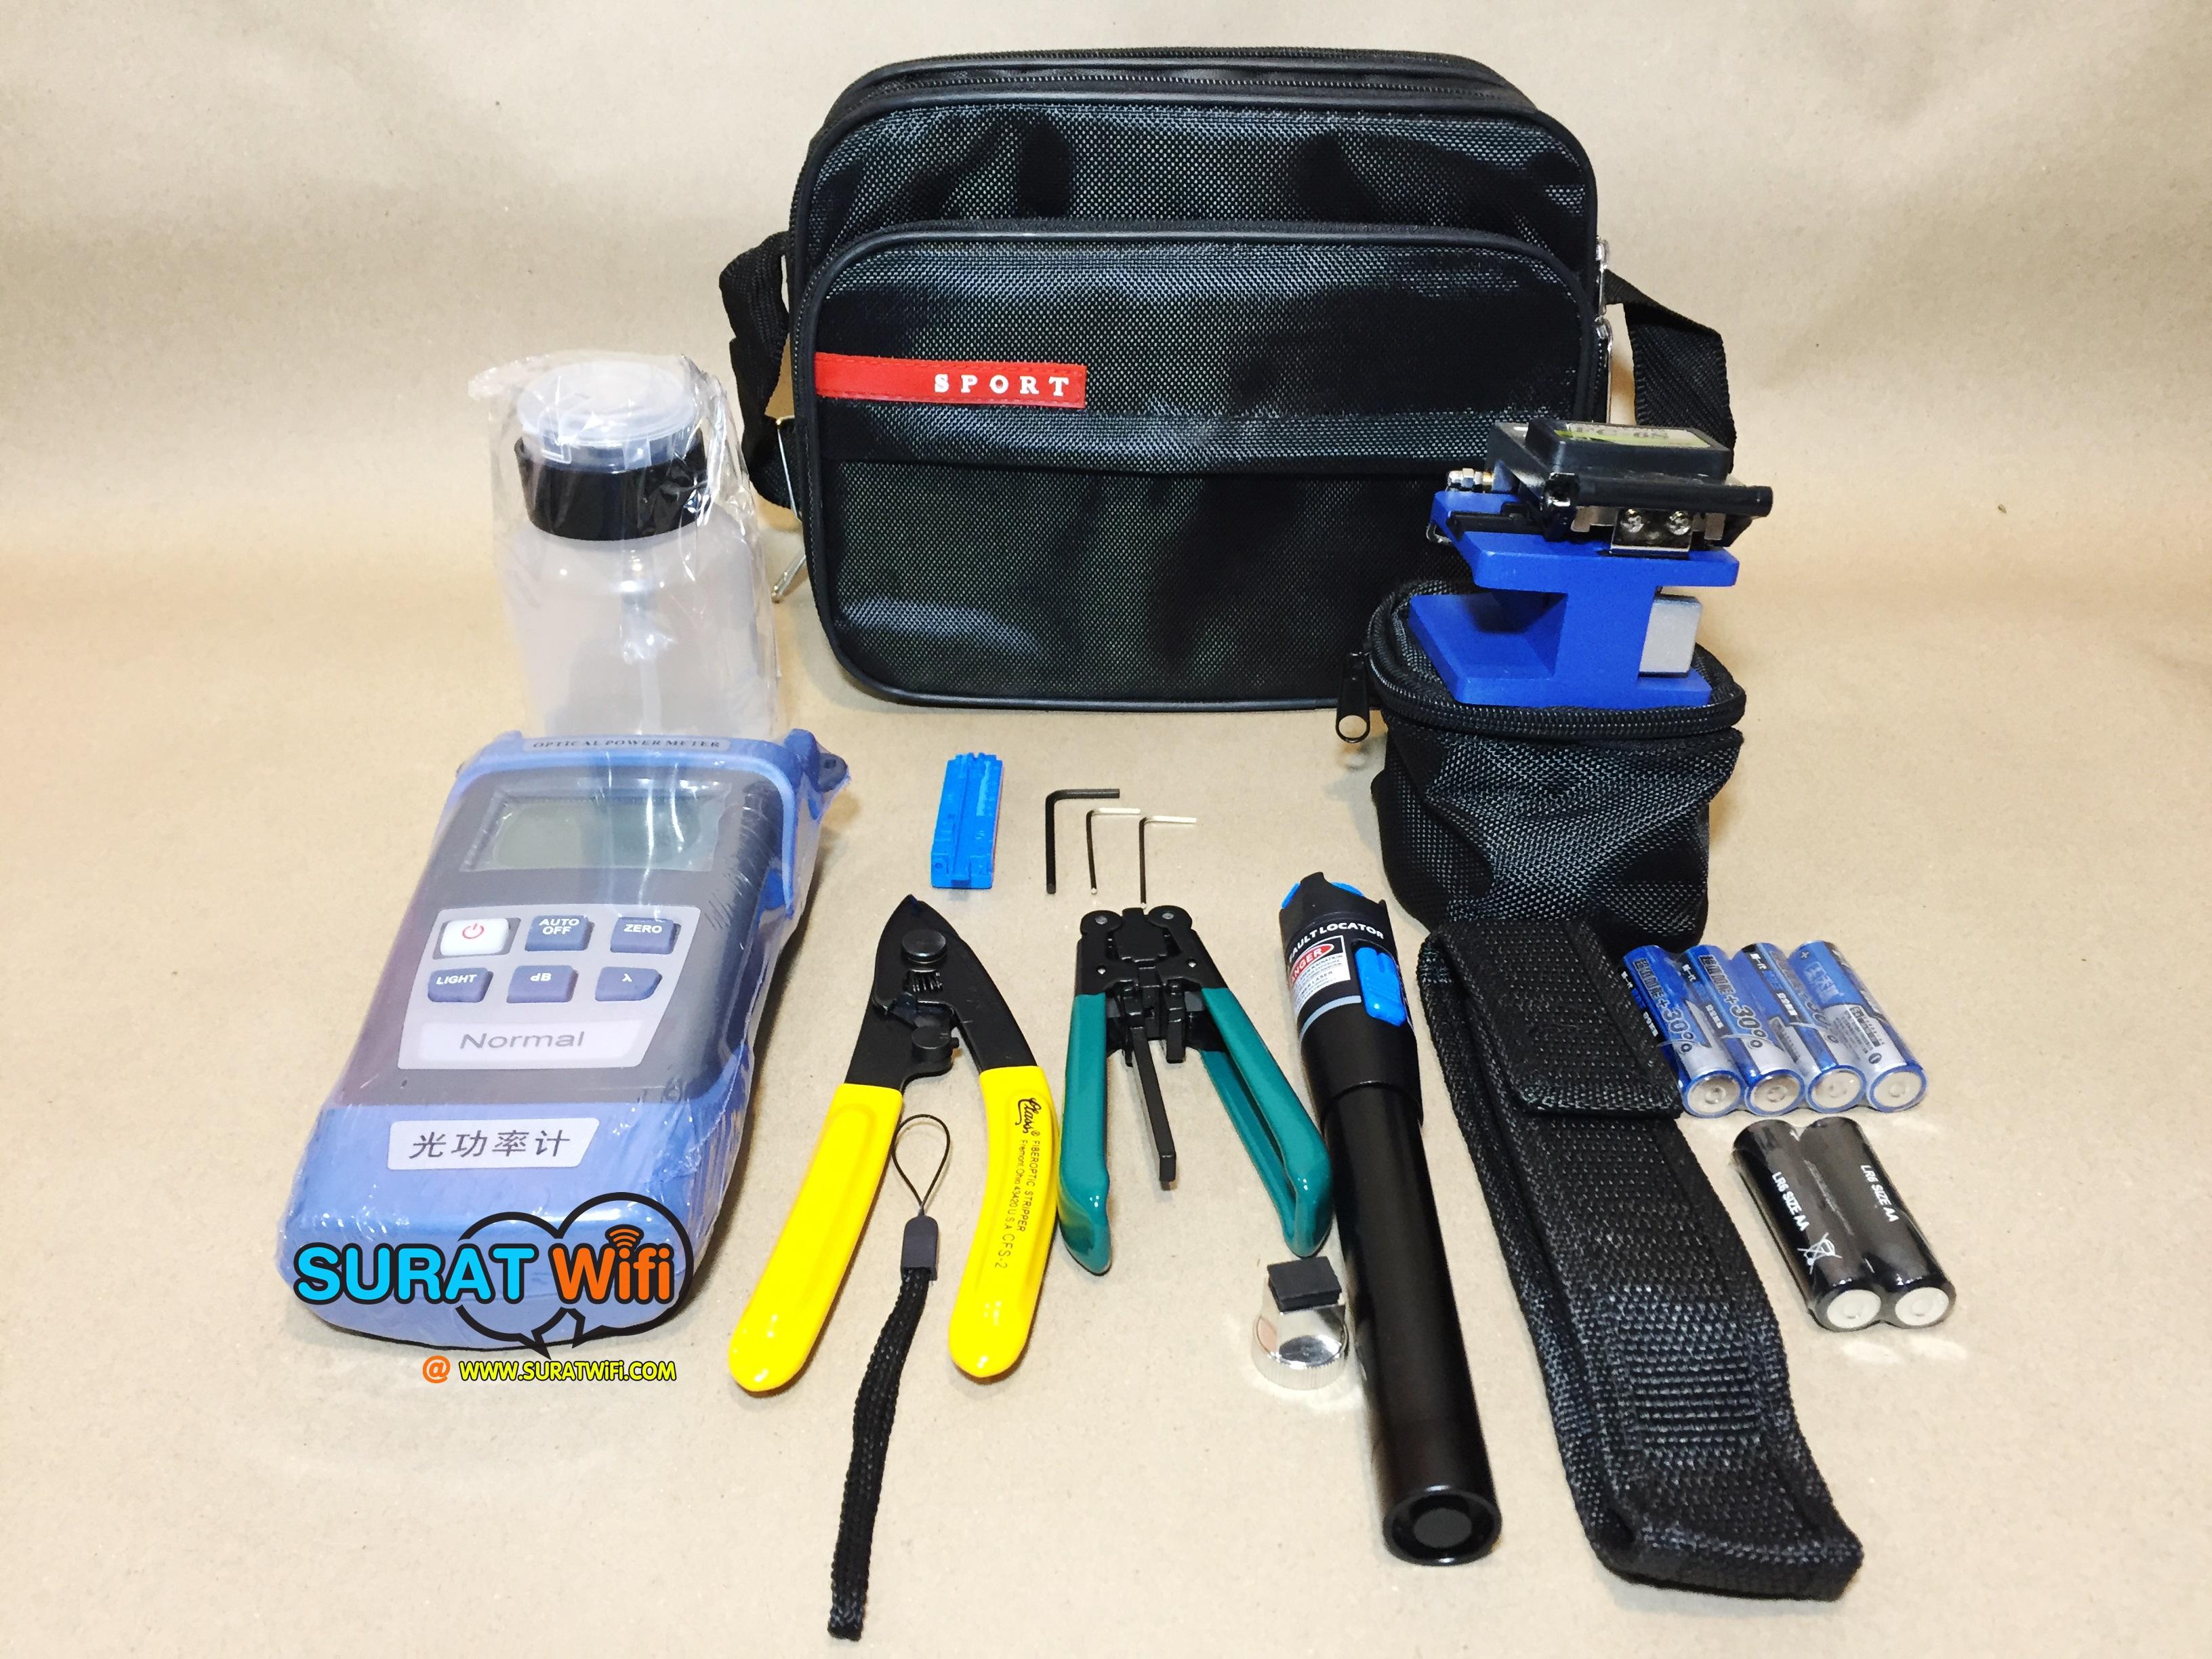 Optic Tool kit ครื่องมือเข้าหัวไฟเบอร์ออฟติก FTTx Fiber